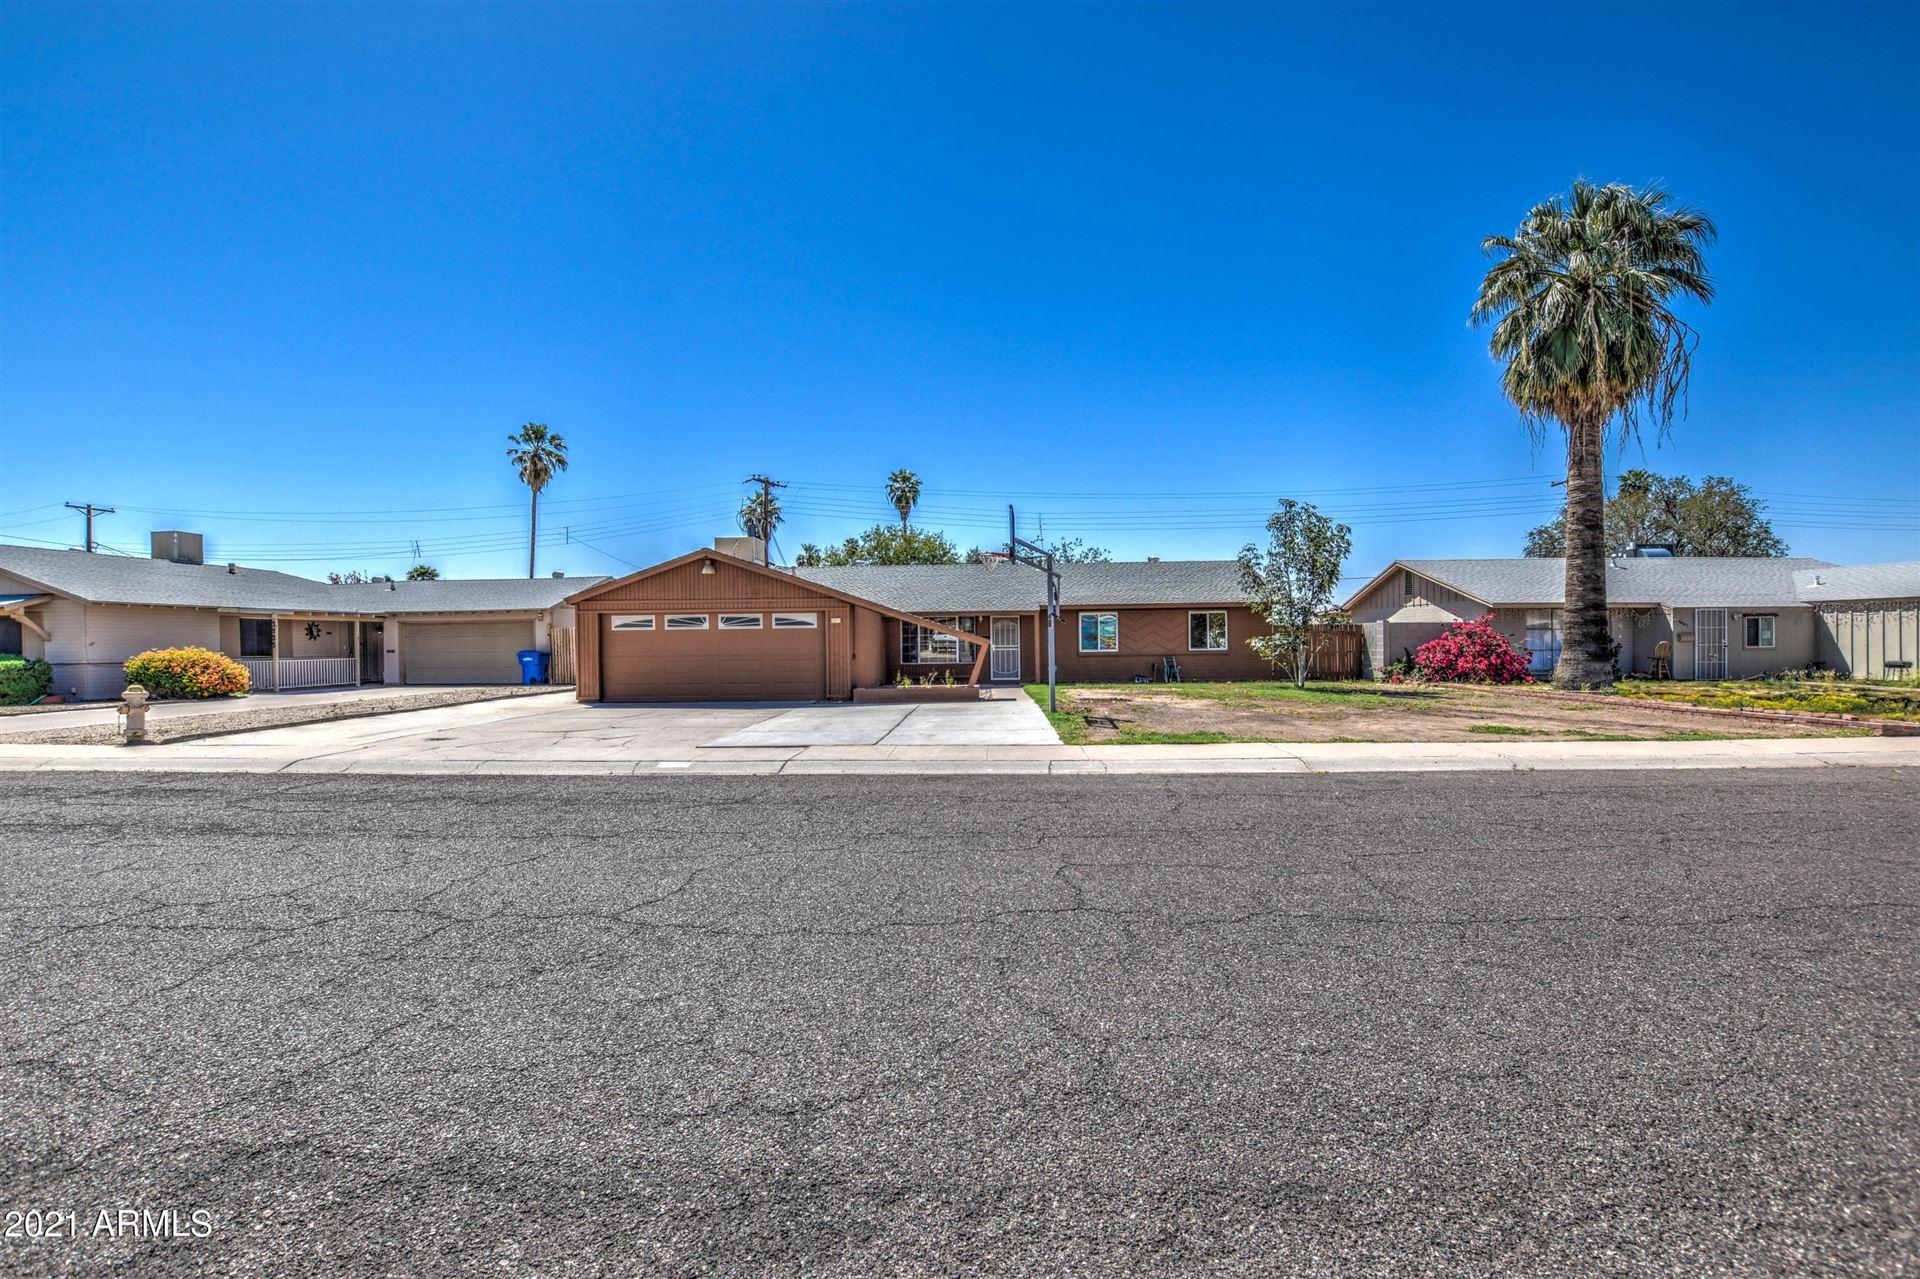 3937 W MYRTLE Avenue, Phoenix, AZ 85051 - MLS#: 6224523